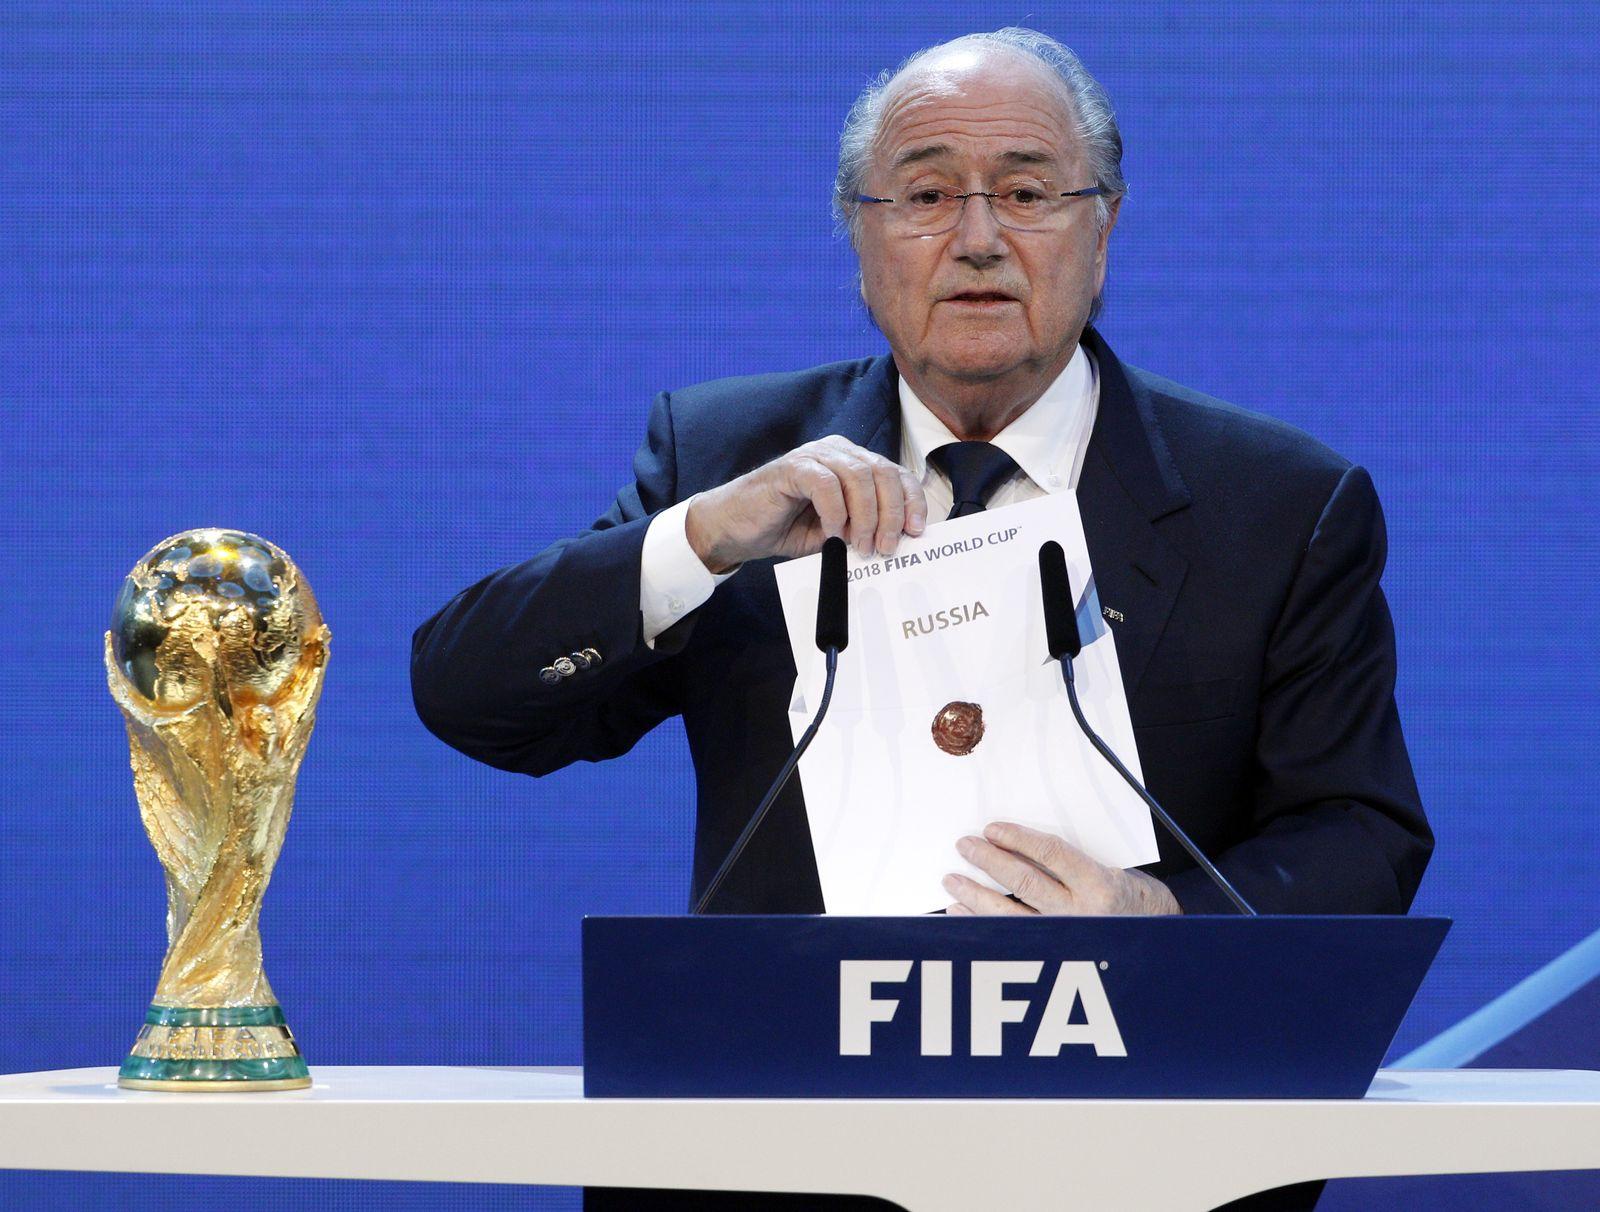 FIFA WM-Auslosung für 2018 und 2022/ Russland und Katar/ 2010/ Sepp Blatter